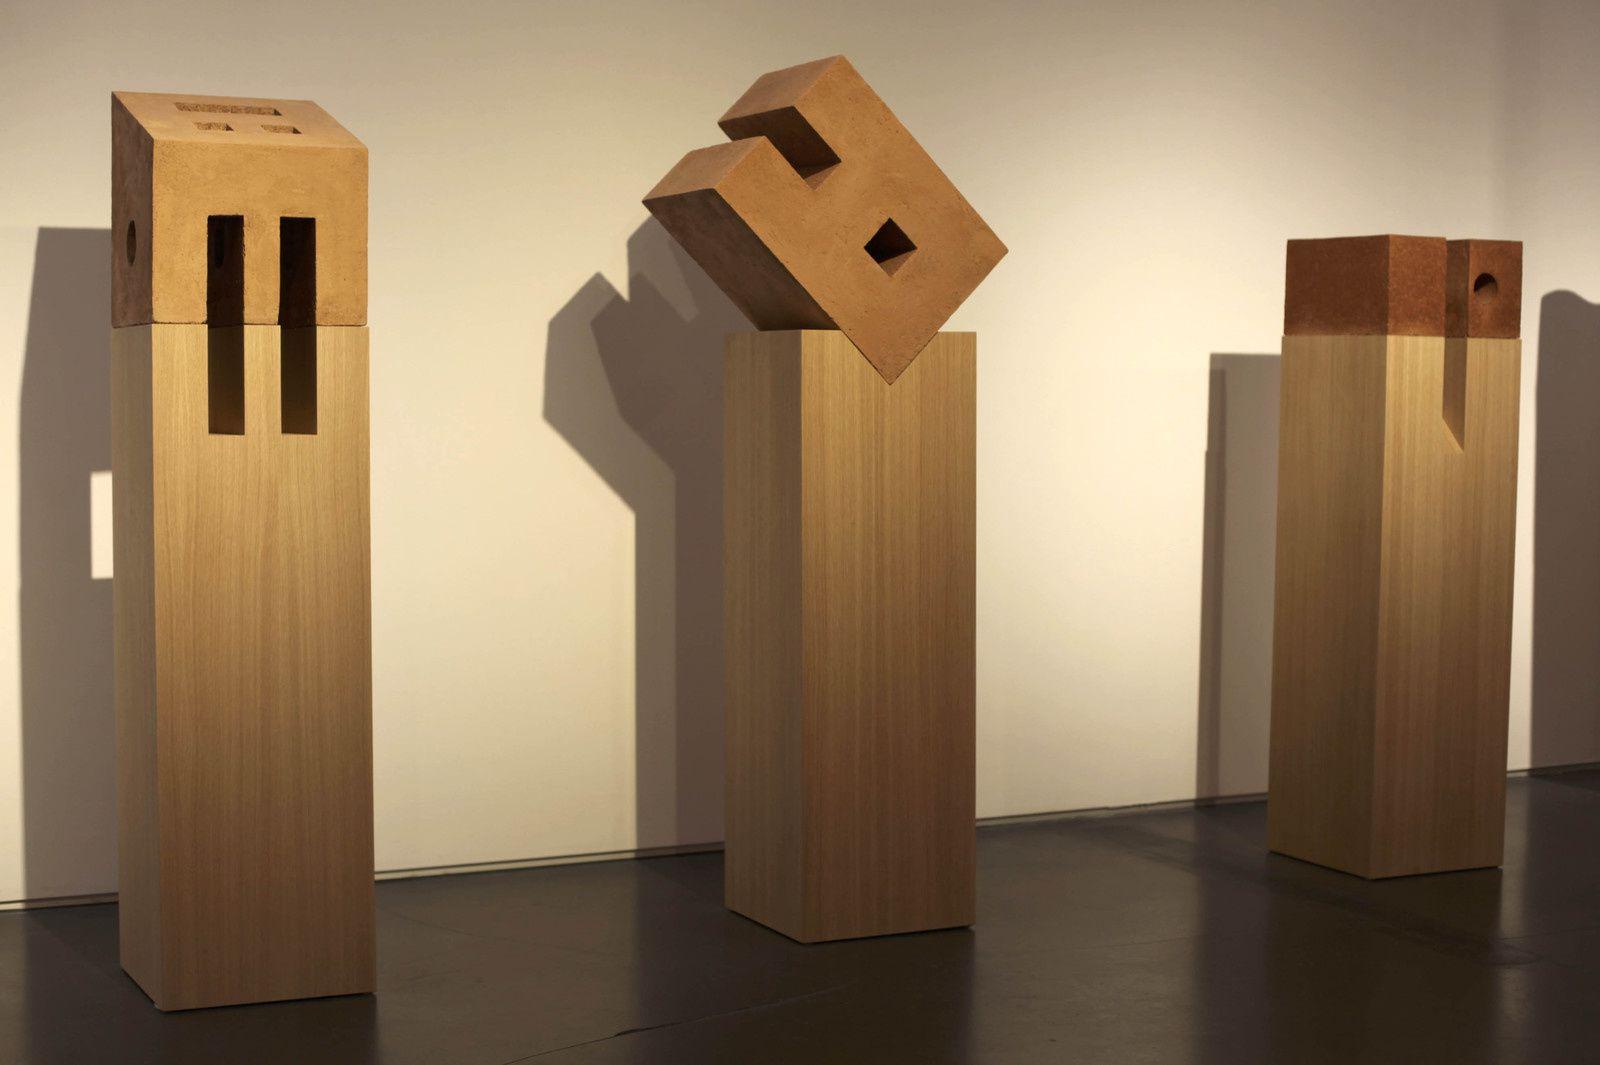 """""""Hafuch"""", 2014 et """"Knisot"""", 2014 de Dani KARAVAN - Courtesy Galerie Jeanne BucherJaeger © Photo Éric Simon"""